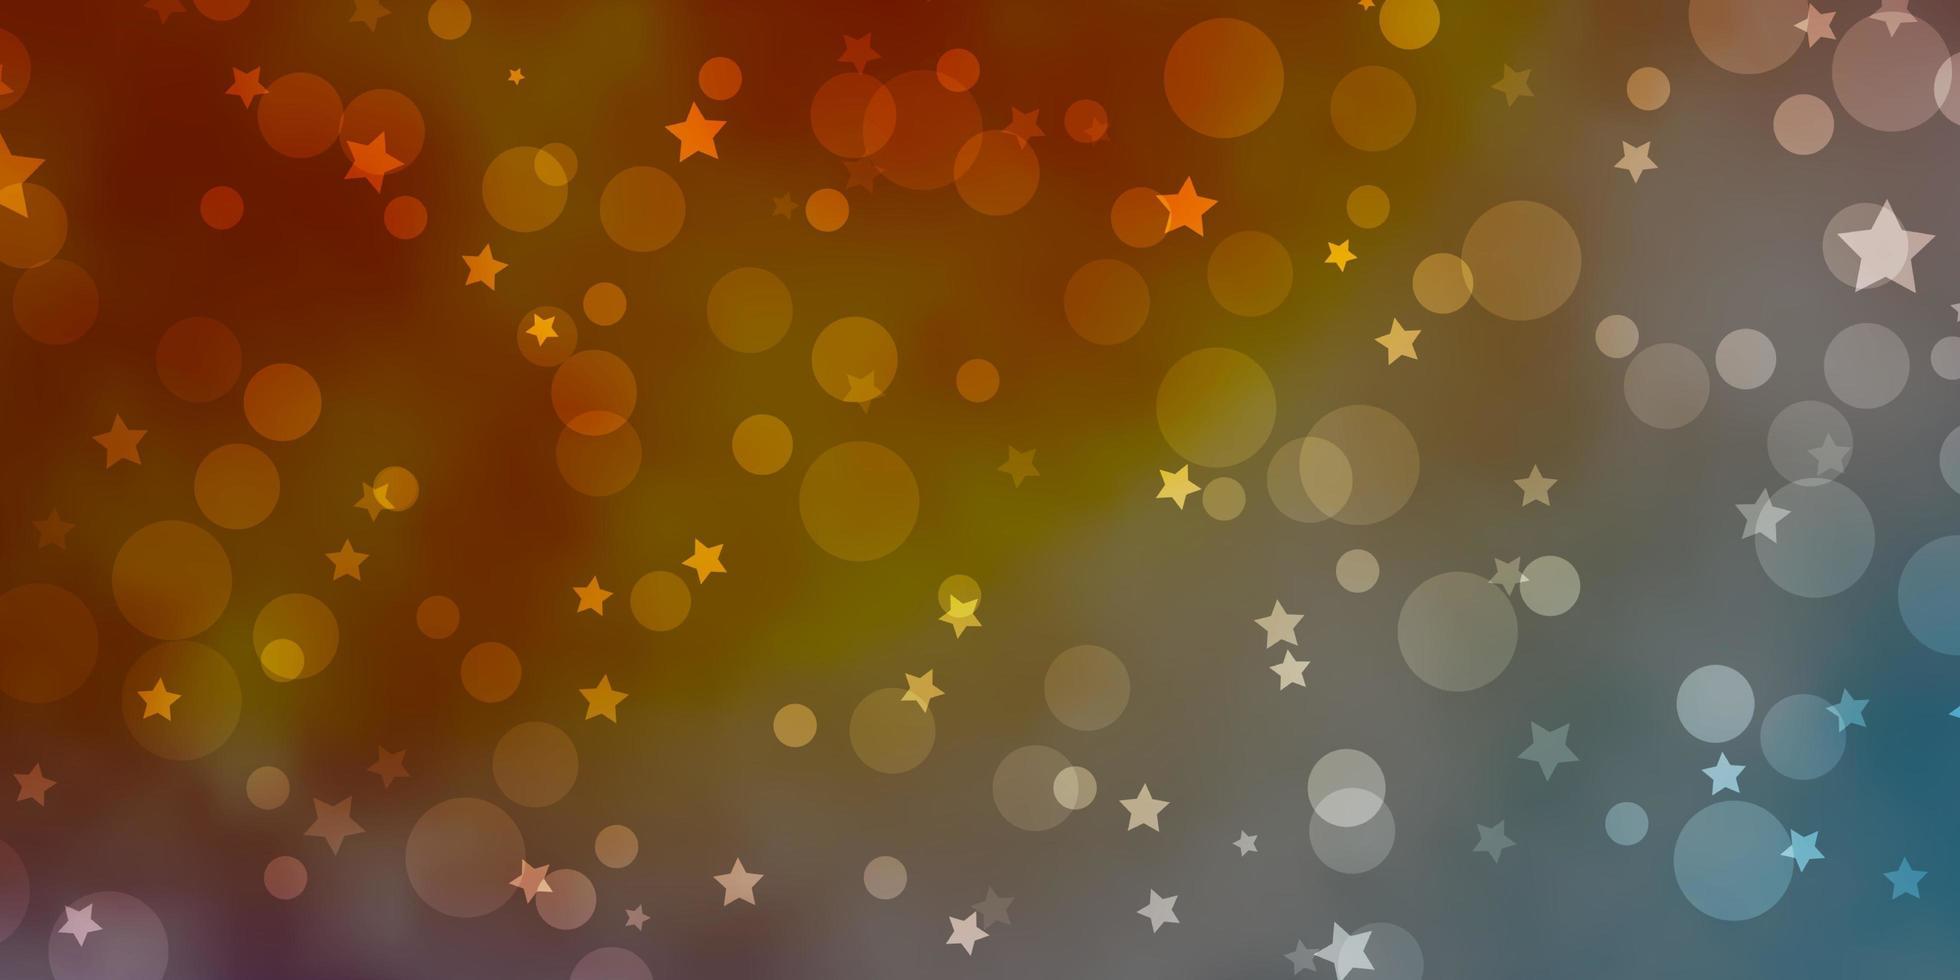 modello blu, giallo e rosso con cerchi, stelle. vettore